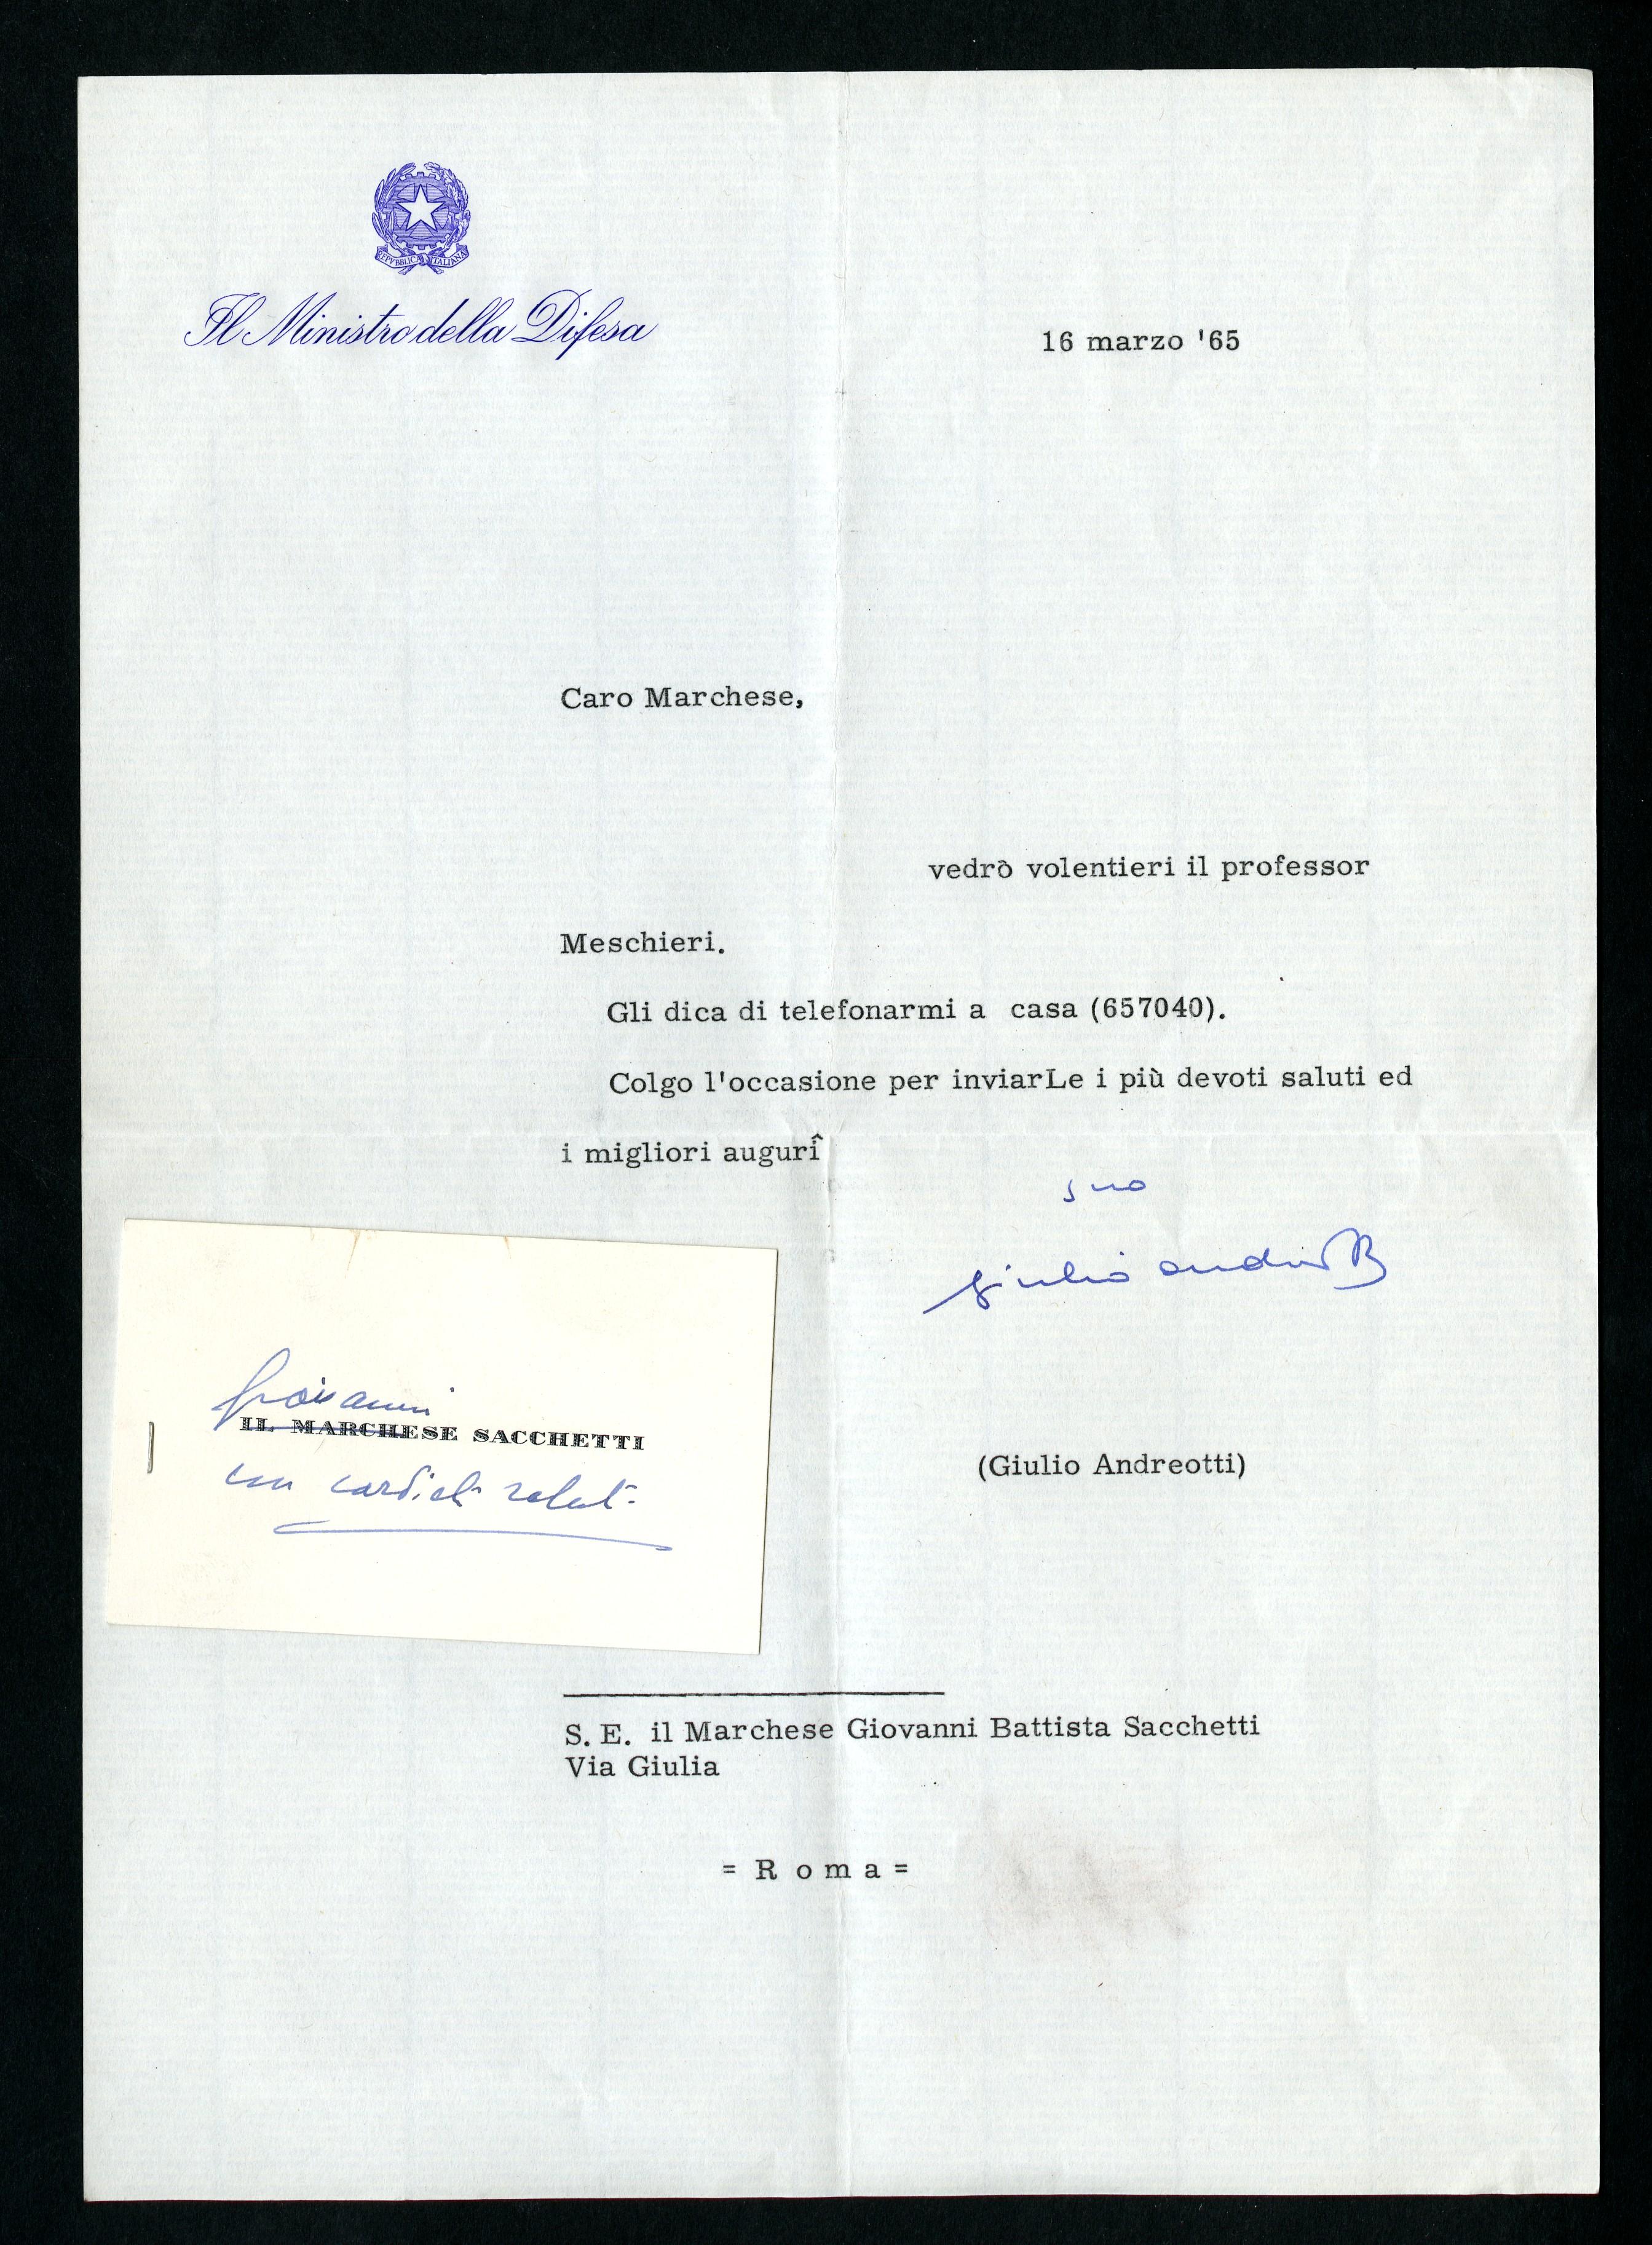 Andreotti Giulio a Giovanni Battista Sacchetti - Aspi - Archivio ... 9052cbed0b8c